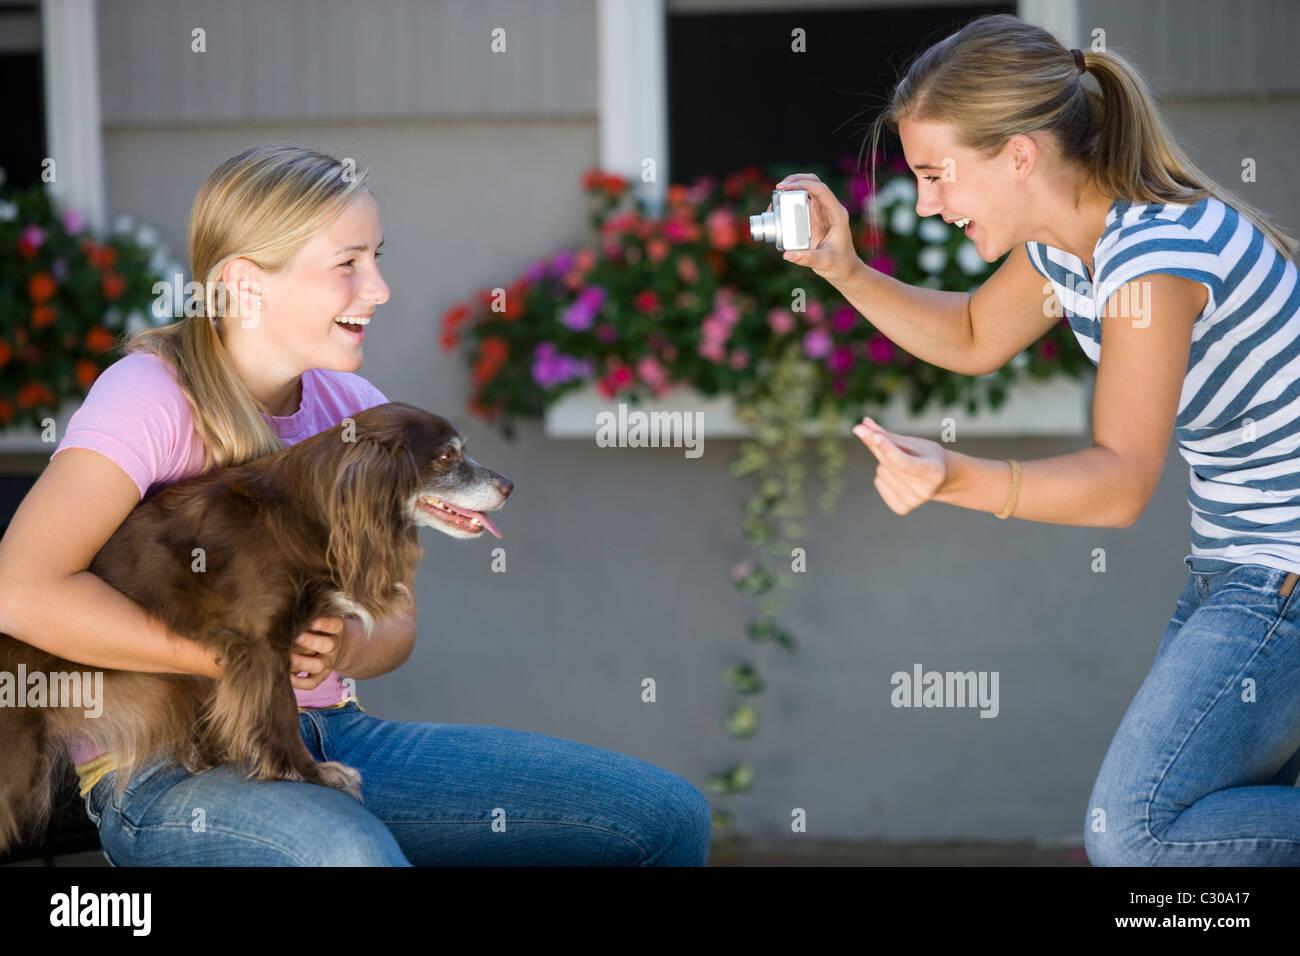 Teen Mädchen posiert mit ihrem Hund während bester Freund Foto mit Digitalkamera nimmt Stockbild